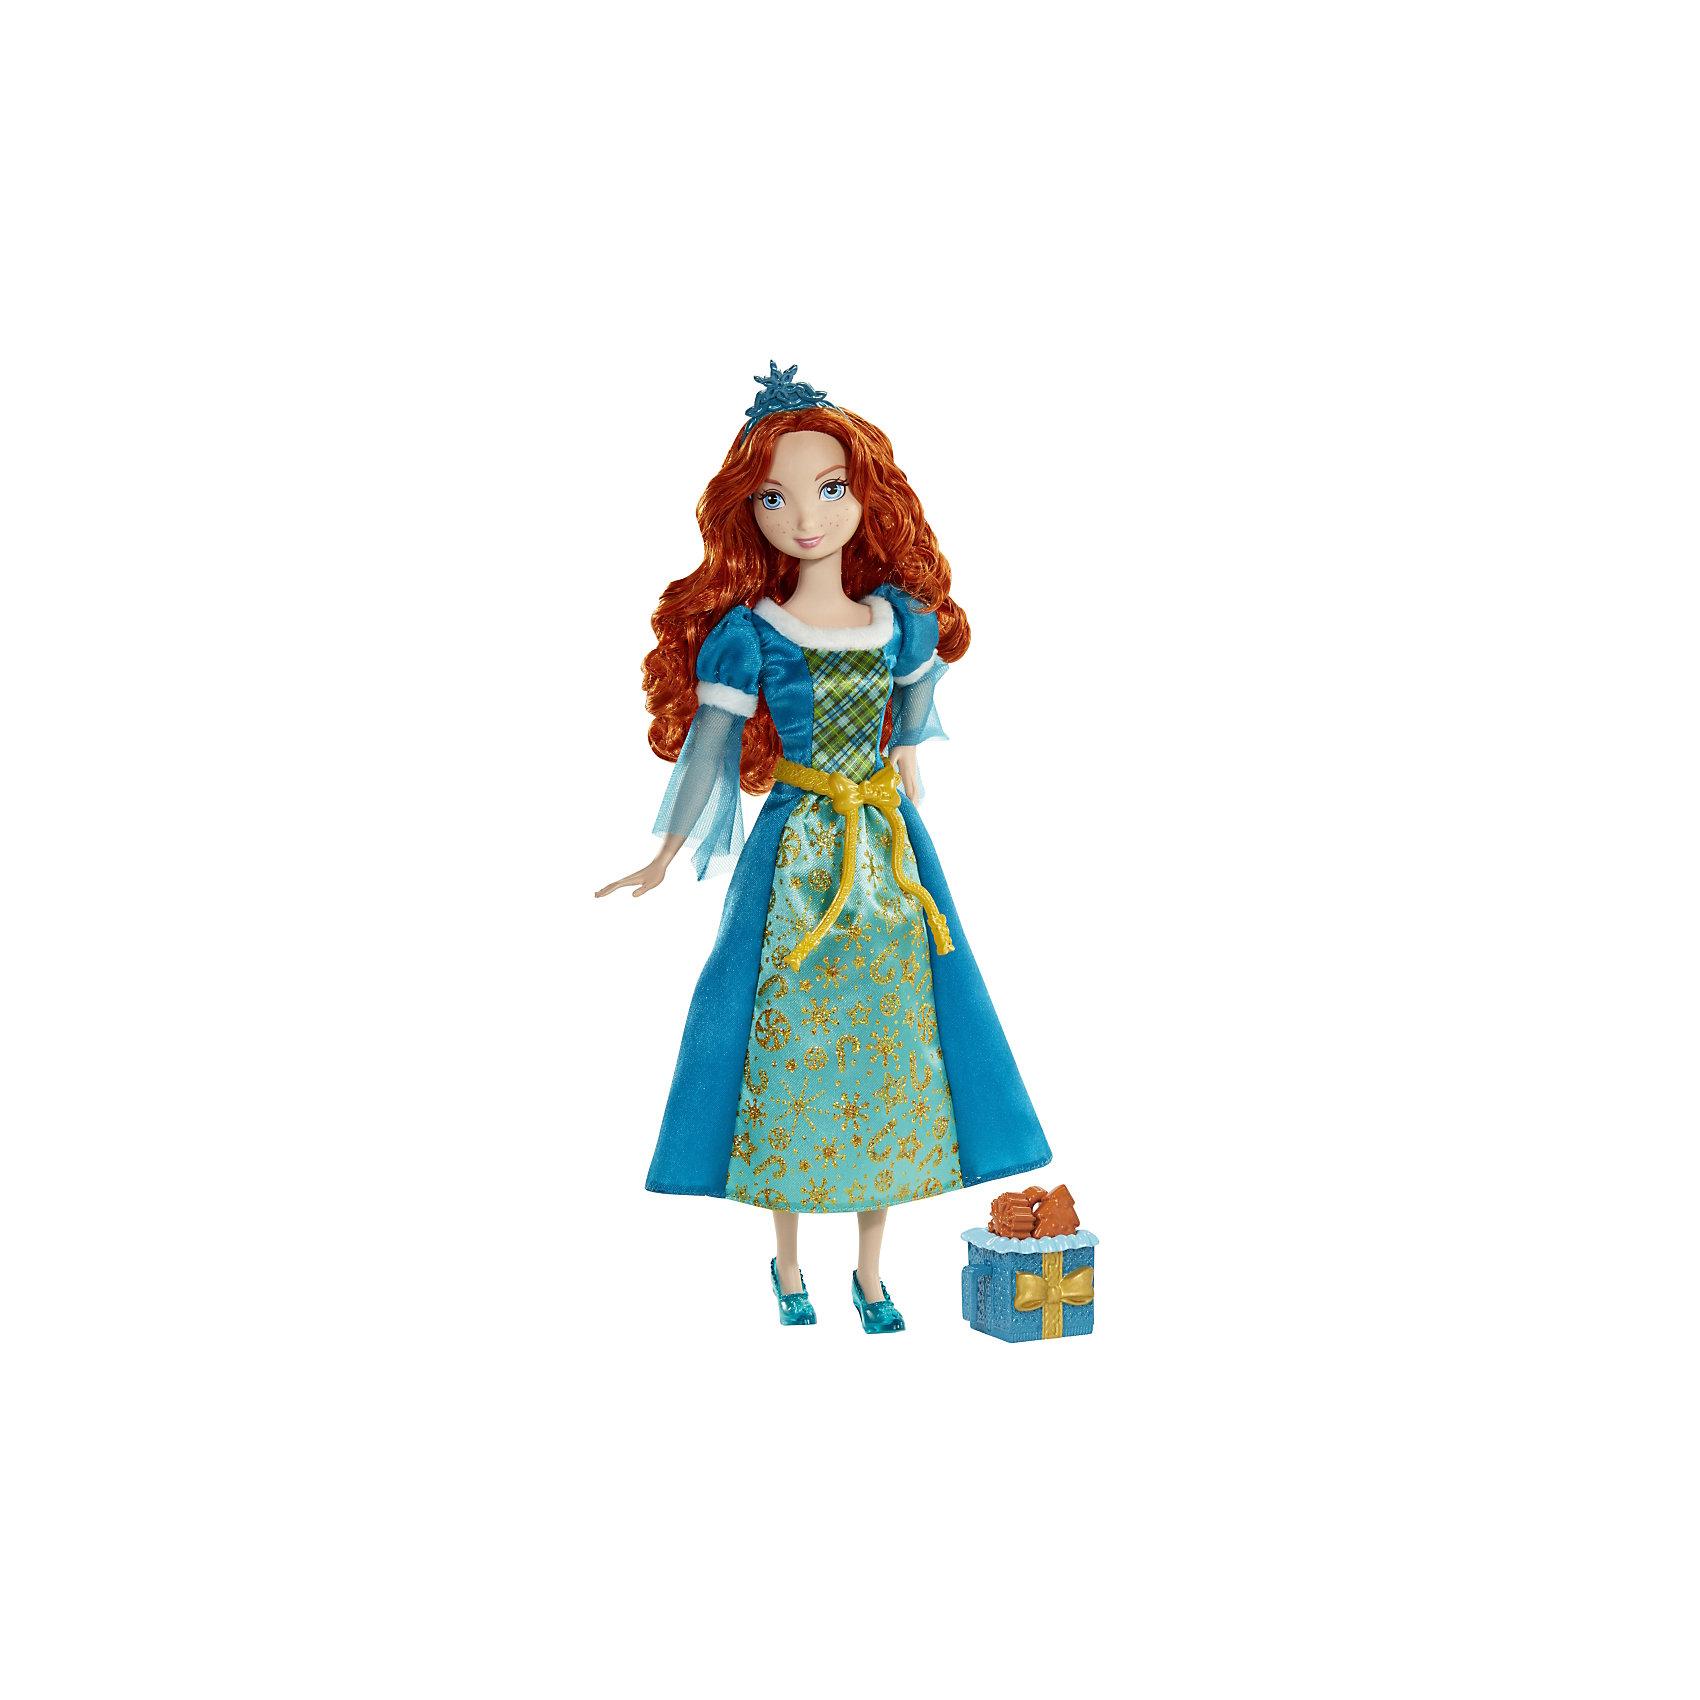 Кукла Мерида со сладостями, Принцессы ДиснейКукла Мерида, Disney Princess (Принцесса Диснея) – это принцесса Мерида с корзиной ароматного печенья с запахом карамели.<br>Кукла Мерида из мультфильма «Храбрая Сердцем» словно сошла с экранов телевизоров. Голубоглазая красавица Мерида выглядит как всегда великолепно. Мерида одета в сине-зеленое платье, украшенное с золотыми узорами и пояском. На ногах — полупрозрачные синие туфельки на каблуках, на голове — синяя диадема. Её шикарные длинные волосы можно расчесывать и делать из них различные прически. Мерида порадует девочку ароматным игрушечным печеньем, которое пахнет как настоящее лакомство. Печенье находится в красивой корзиночке. У куклы двигаются руки, ноги, поворачивается голова. Ваша малышка с удовольствием будет играть с этой куколкой, проигрывая сюжеты из мультфильма или придумывая различные истории.<br><br>Дополнительная информация:<br><br>- В комплекте: кукла, корзиночка с печеньем<br>- Материал: высококачественный пластик, текстиль<br>- Рост куклы: 28 см.<br>- Размер упаковки: 32,5 х 15 х 5,5 см.<br>- Вес: 237 гр.<br><br>Куклу Мерида, Disney Princess (Принцесса Диснея) можно купить в нашем интернет-магазине.<br><br>Ширина мм: 15<br>Глубина мм: 5<br>Высота мм: 32<br>Вес г: 237<br>Возраст от месяцев: 36<br>Возраст до месяцев: 144<br>Пол: Женский<br>Возраст: Детский<br>SKU: 4026503